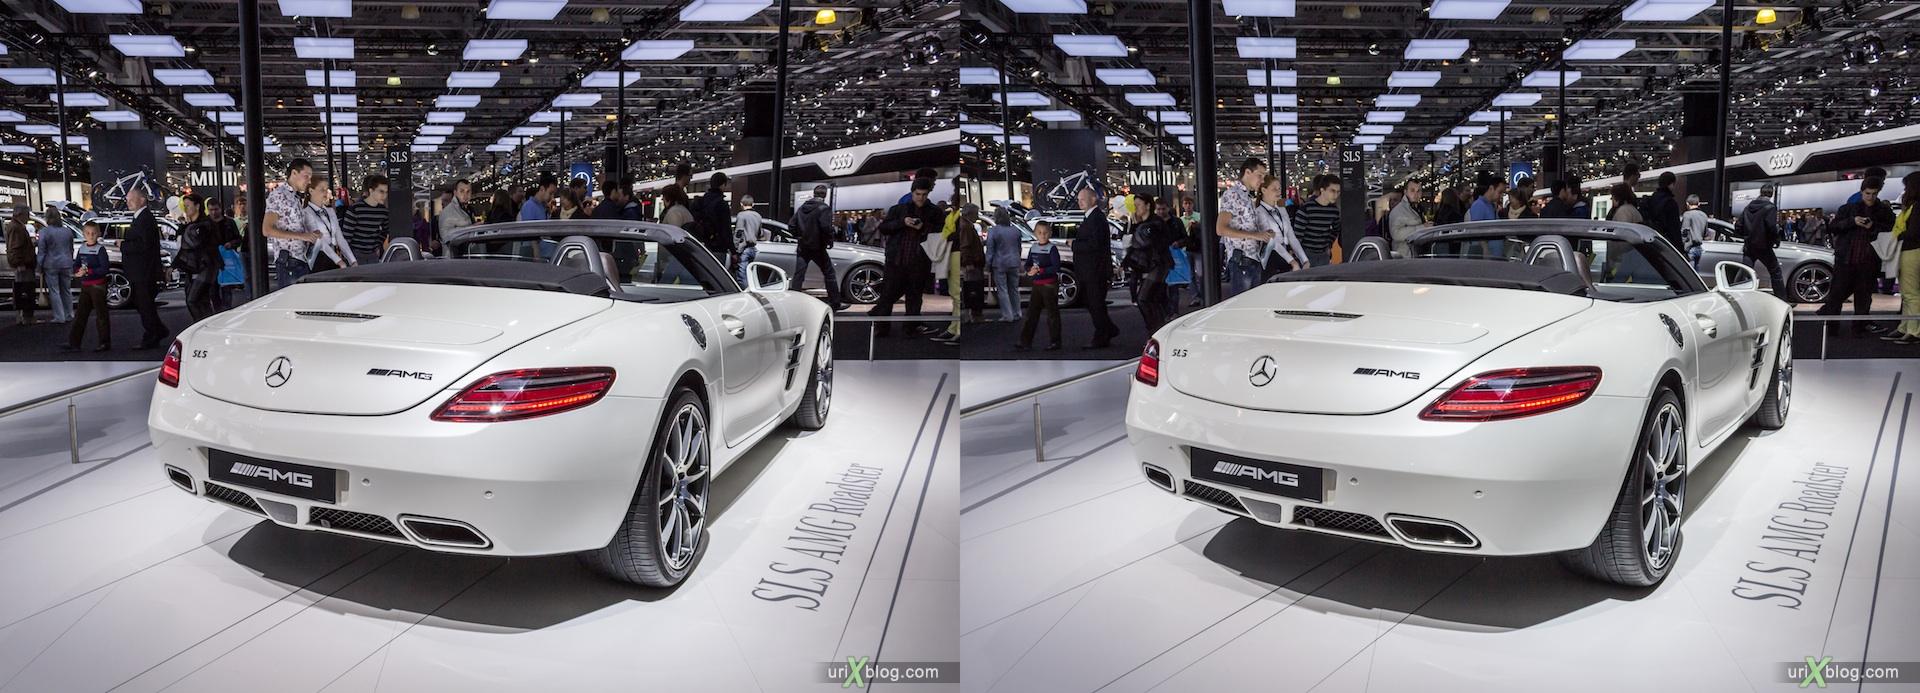 2012, Mercedes Benz AMG, Московский международный автомобильный салон, ММАС, Крокус Экспо, 3D, стереопара